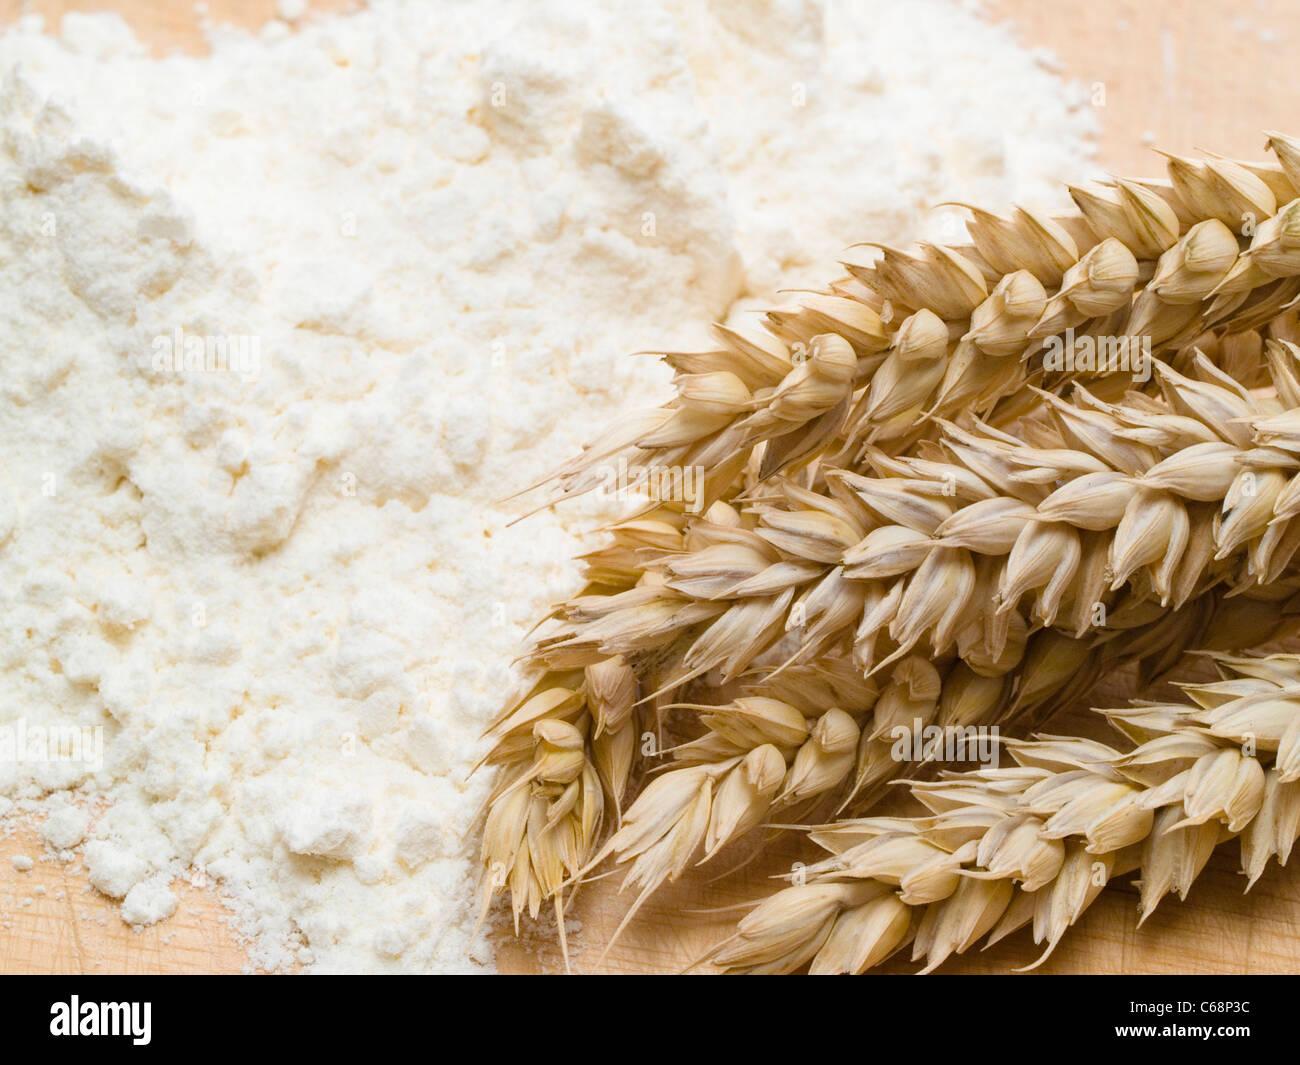 eine Weizenähre liegt im Weizenmehl | a wheat ear in wheaten flour - Stock Image